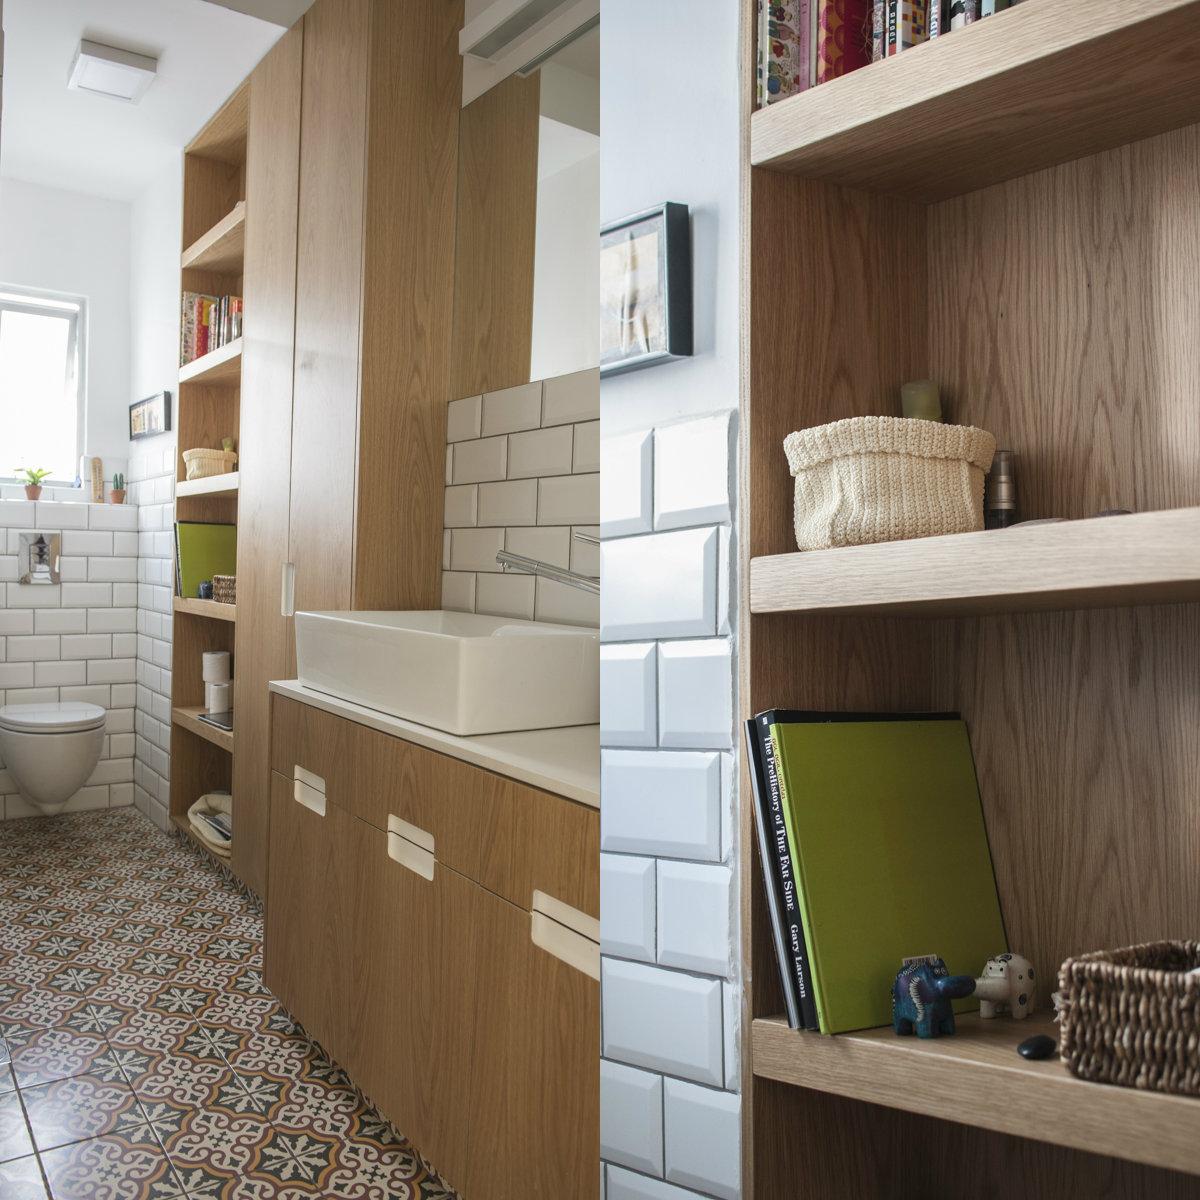 תכנון ועיצוב הבית | מרב שדה - תכנון ועיצוב פנים